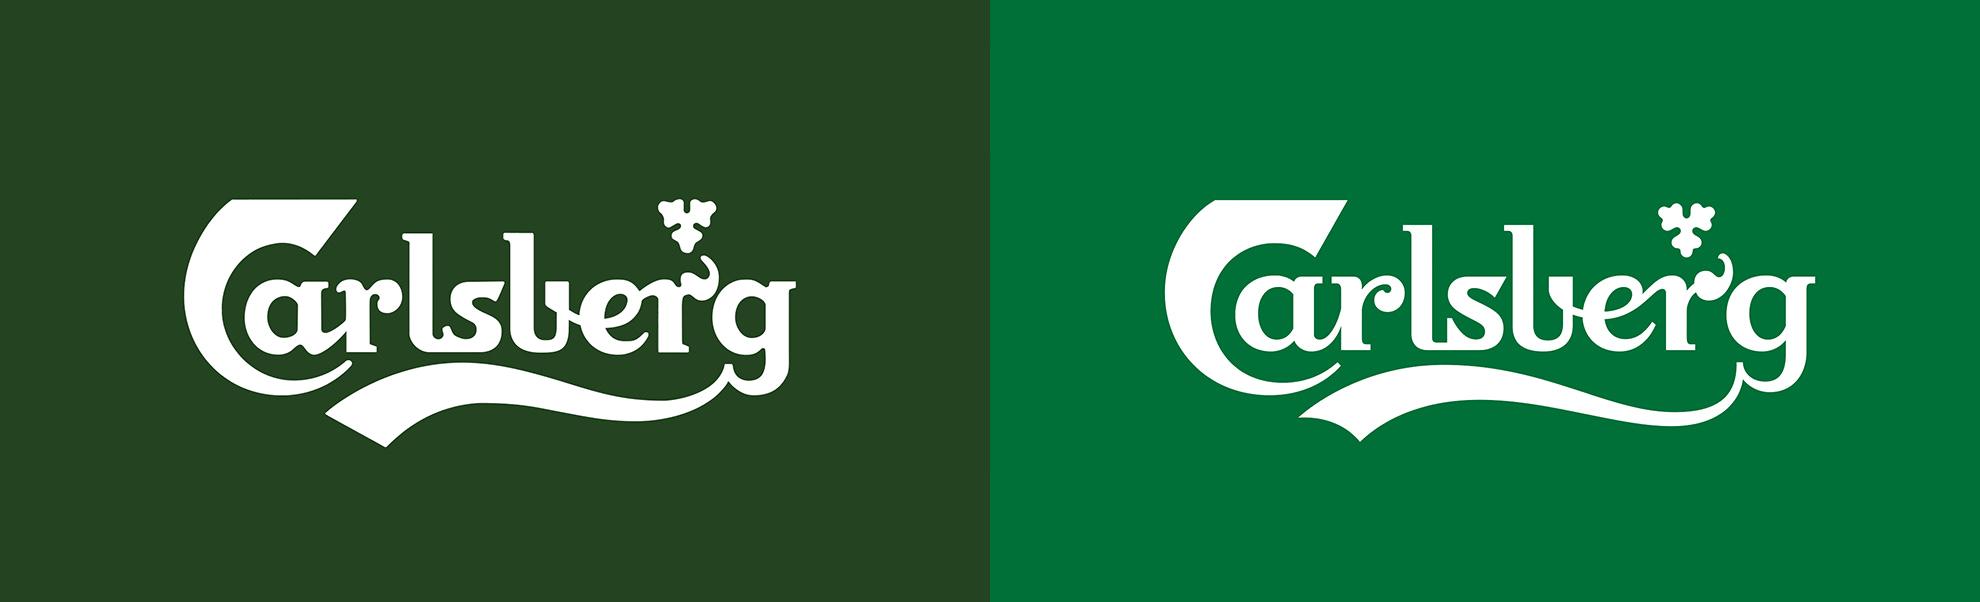 stare inowe logo carlsberg